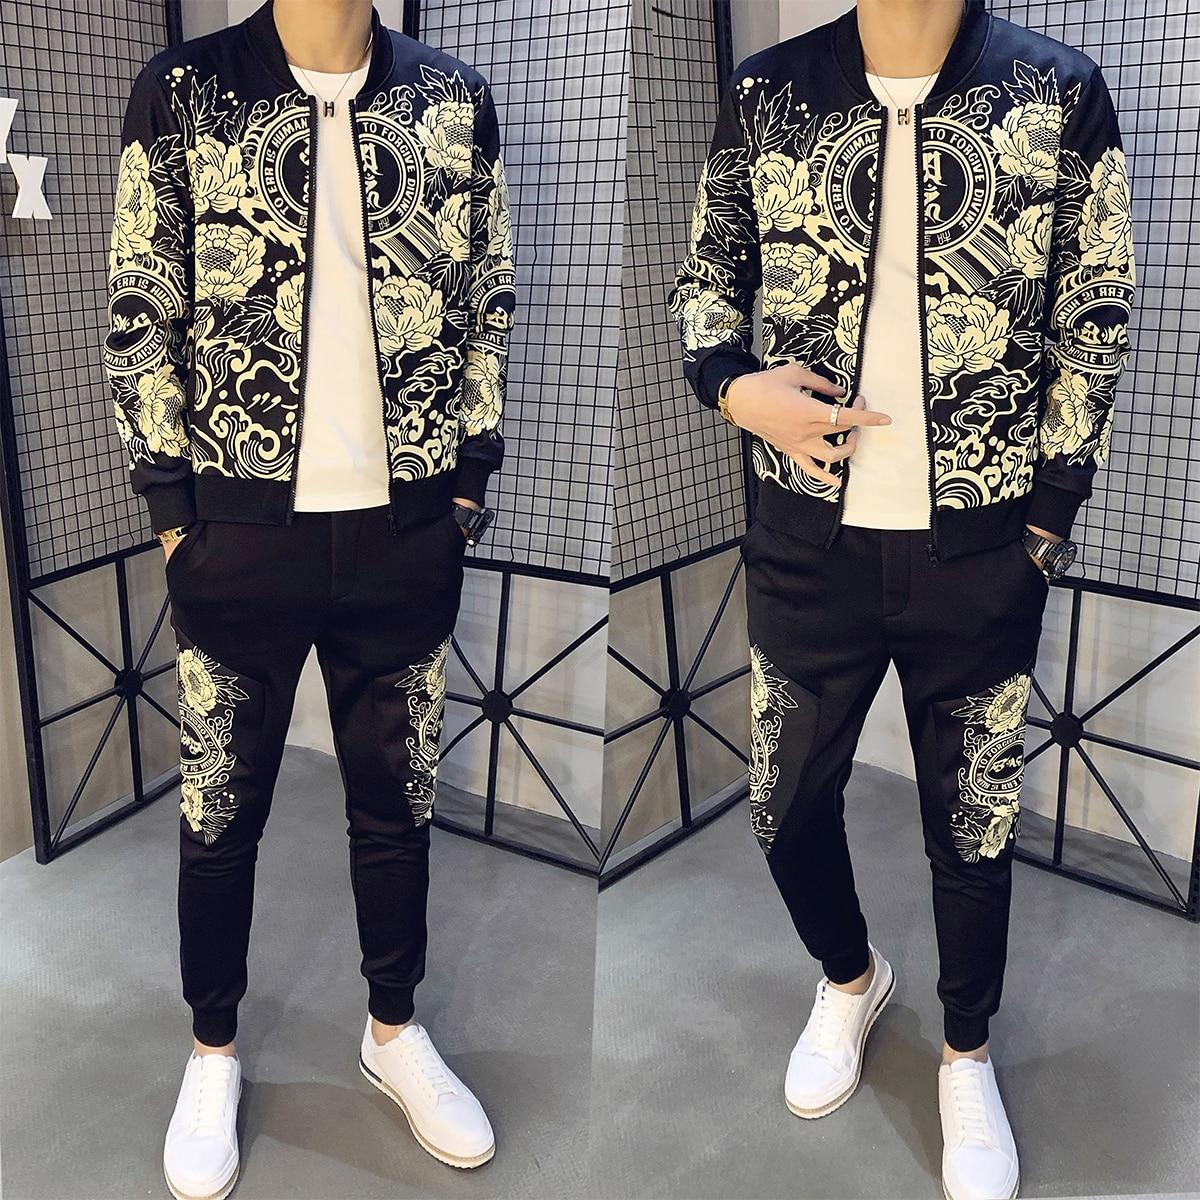 Ropa Hombre Chandal Hombre Tracksuit Men Sweatshirt Homem Man Sport 2 Piece Sets Sport Suit Jacket + Pants Trainingspak Mannen